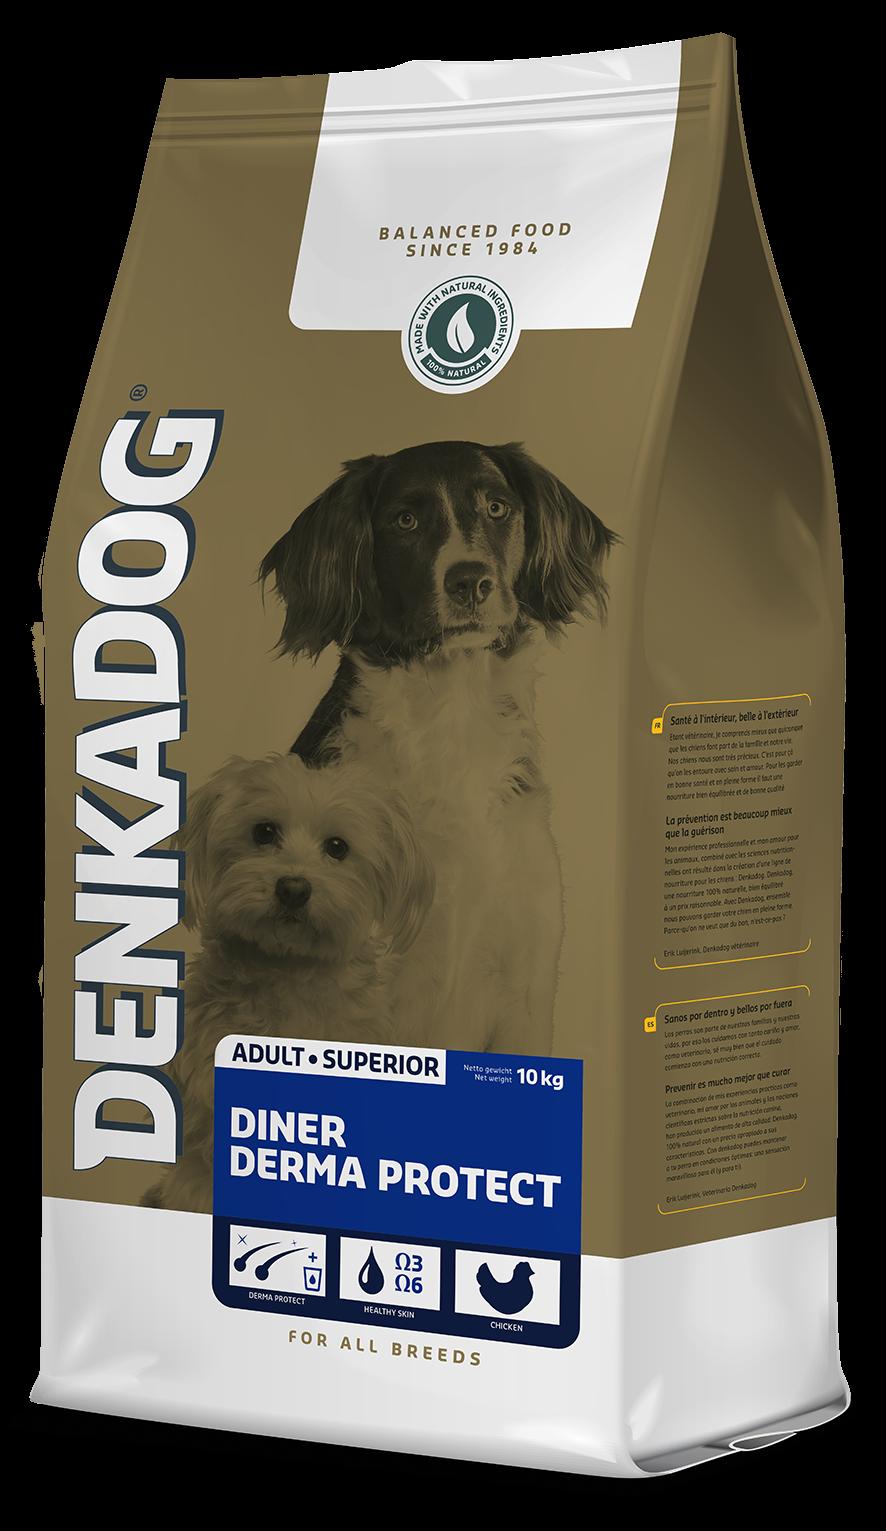 .Denkadog diner derma protect.